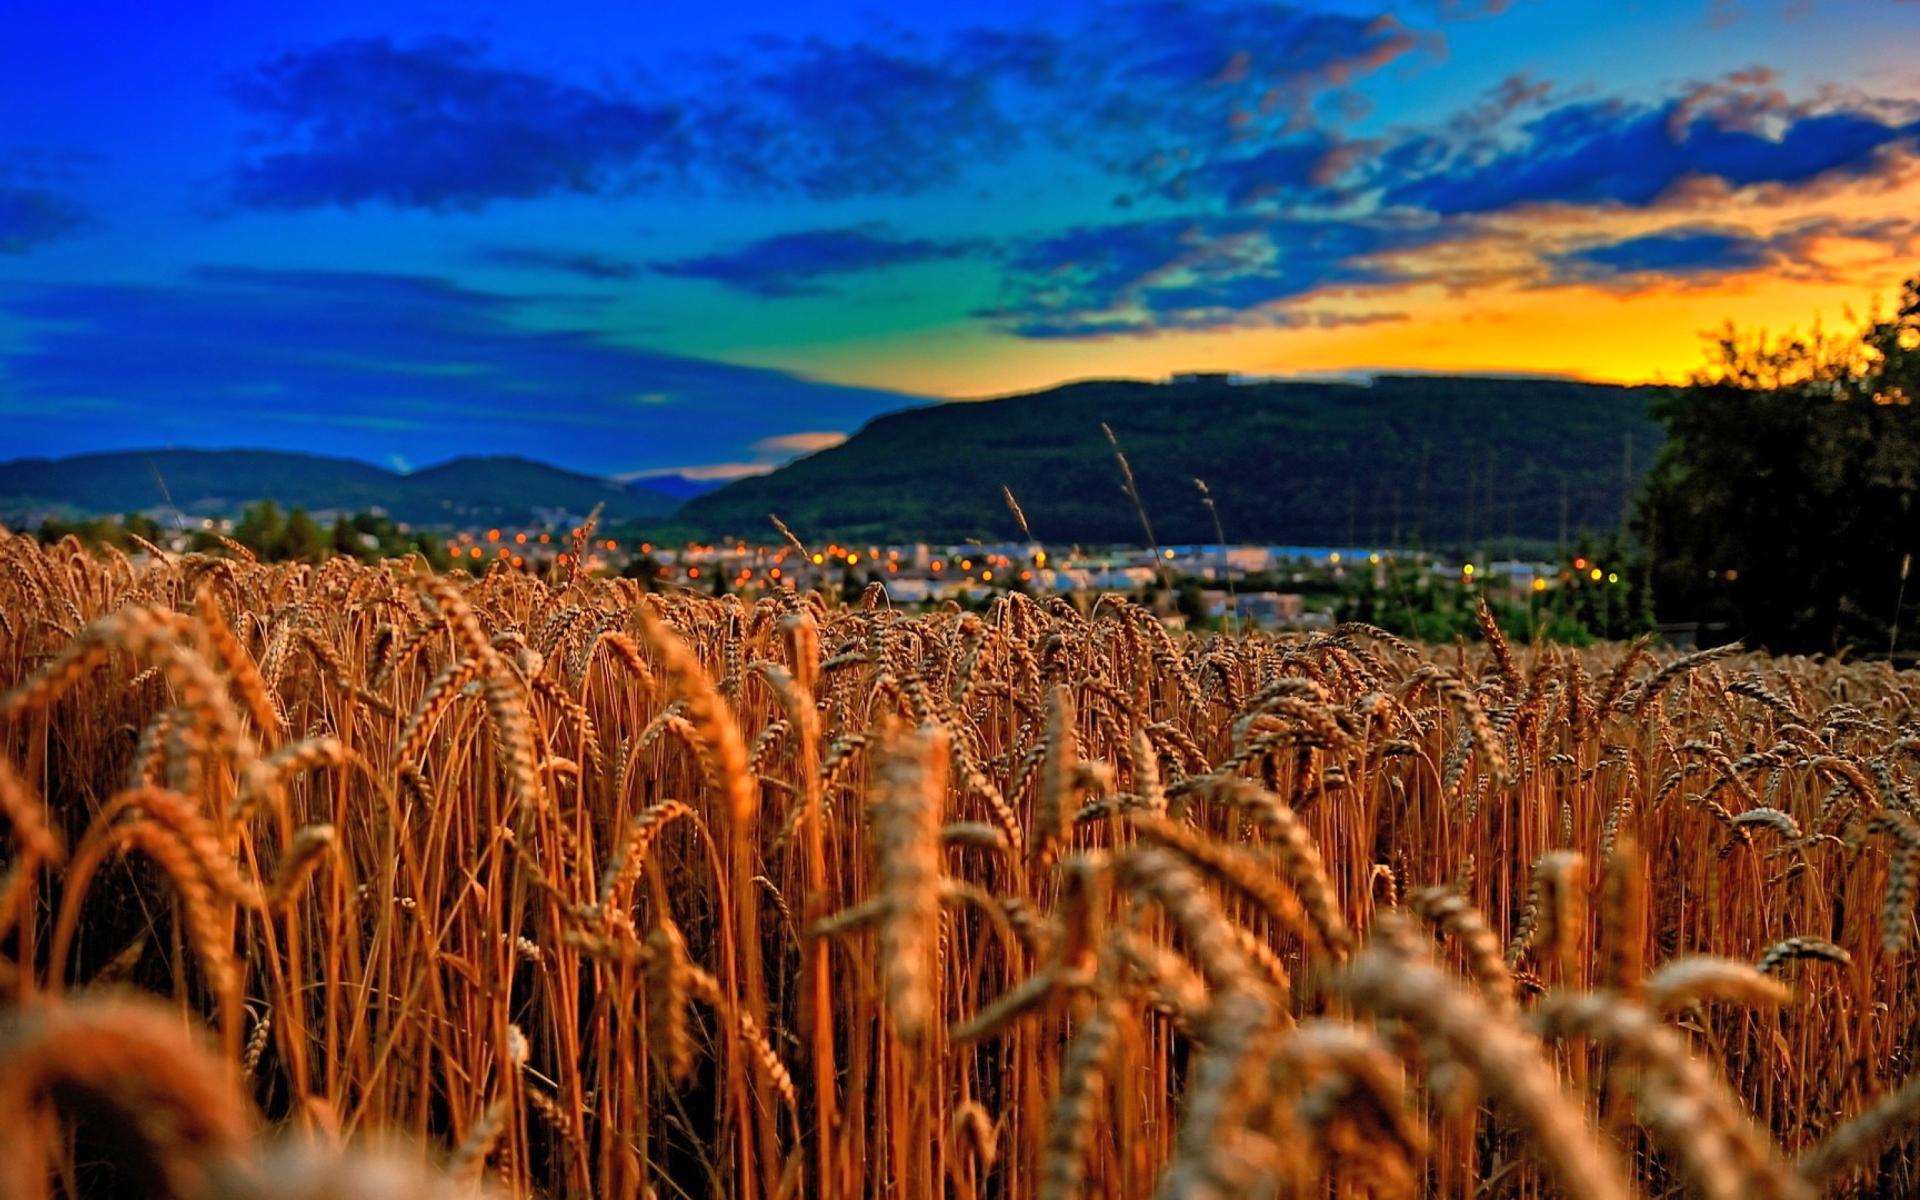 Cute Duck Wallpapers Wheat Field Sunset Hd Desktop Wallpapers 4k Hd